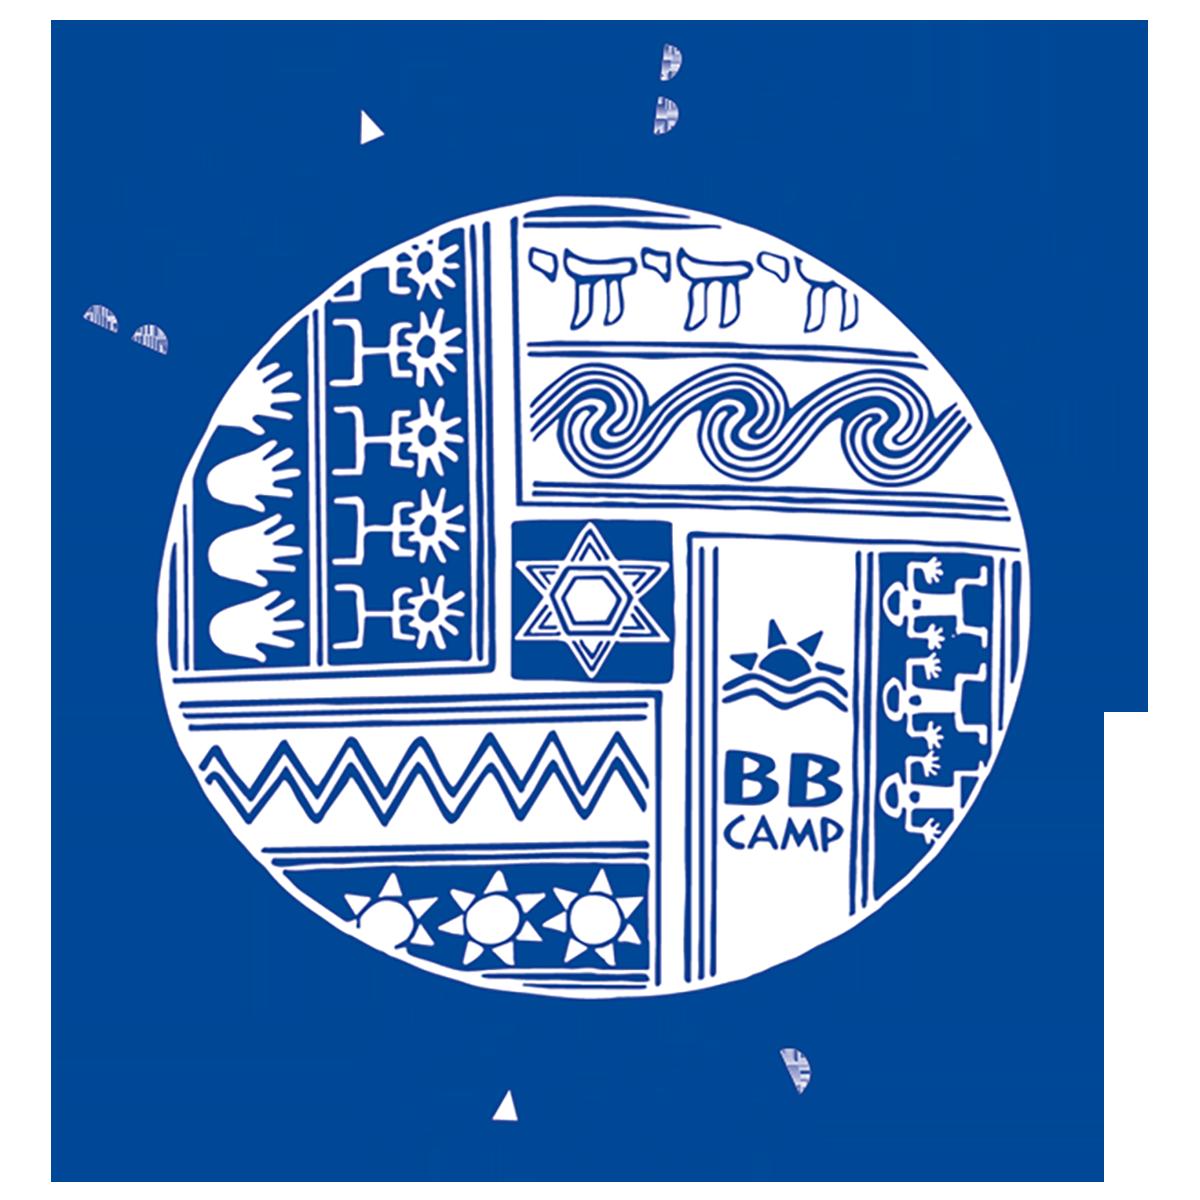 BB Day Camp Portland – B'nai B'rith Camp